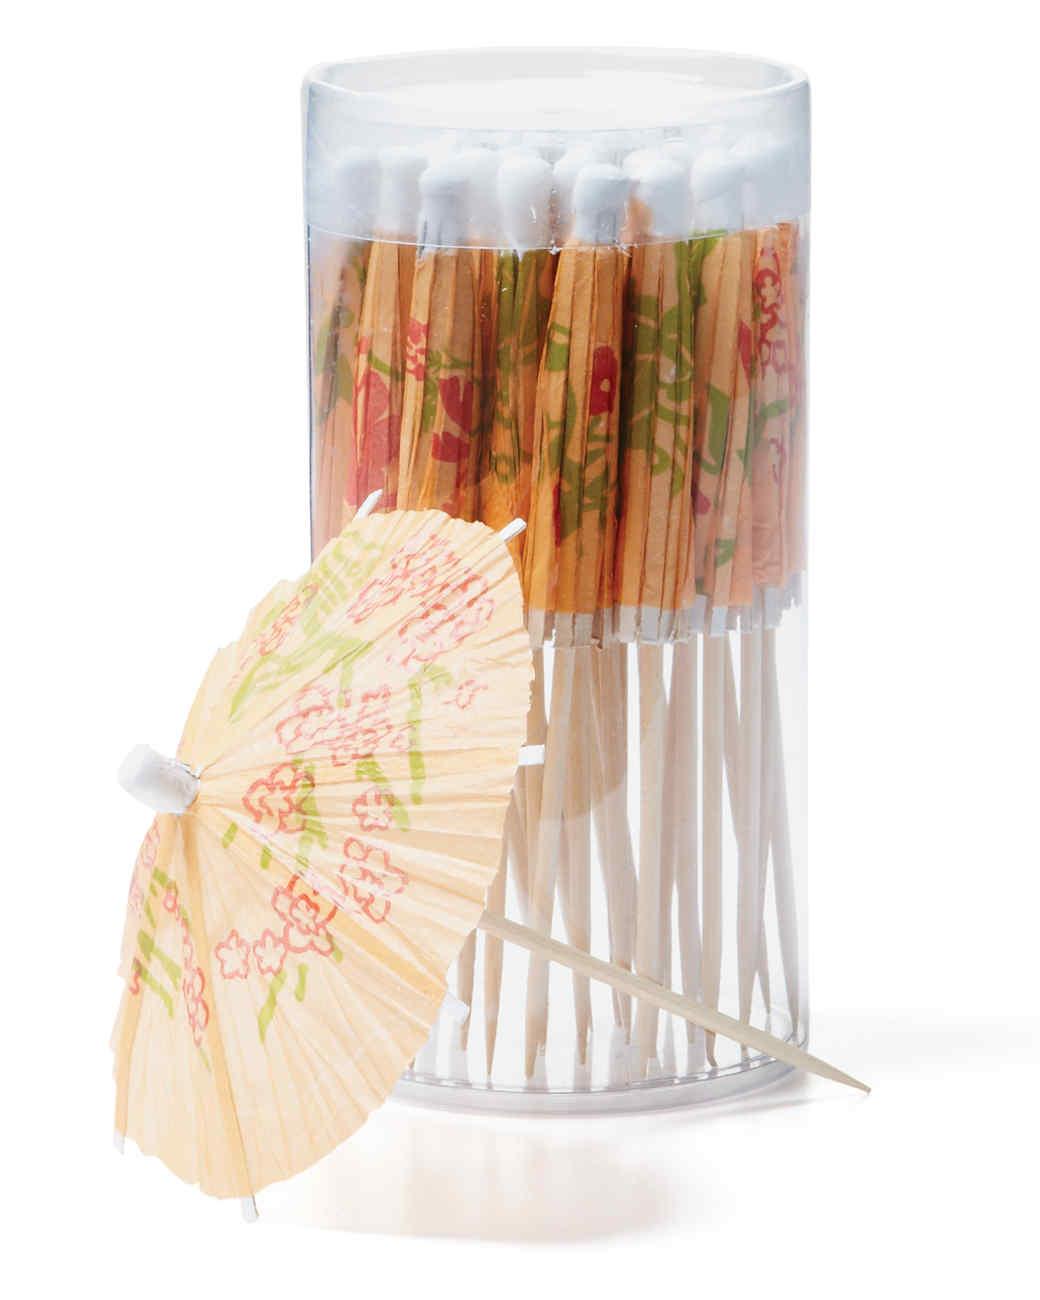 umbrella-picks-0811mld107420.jpg